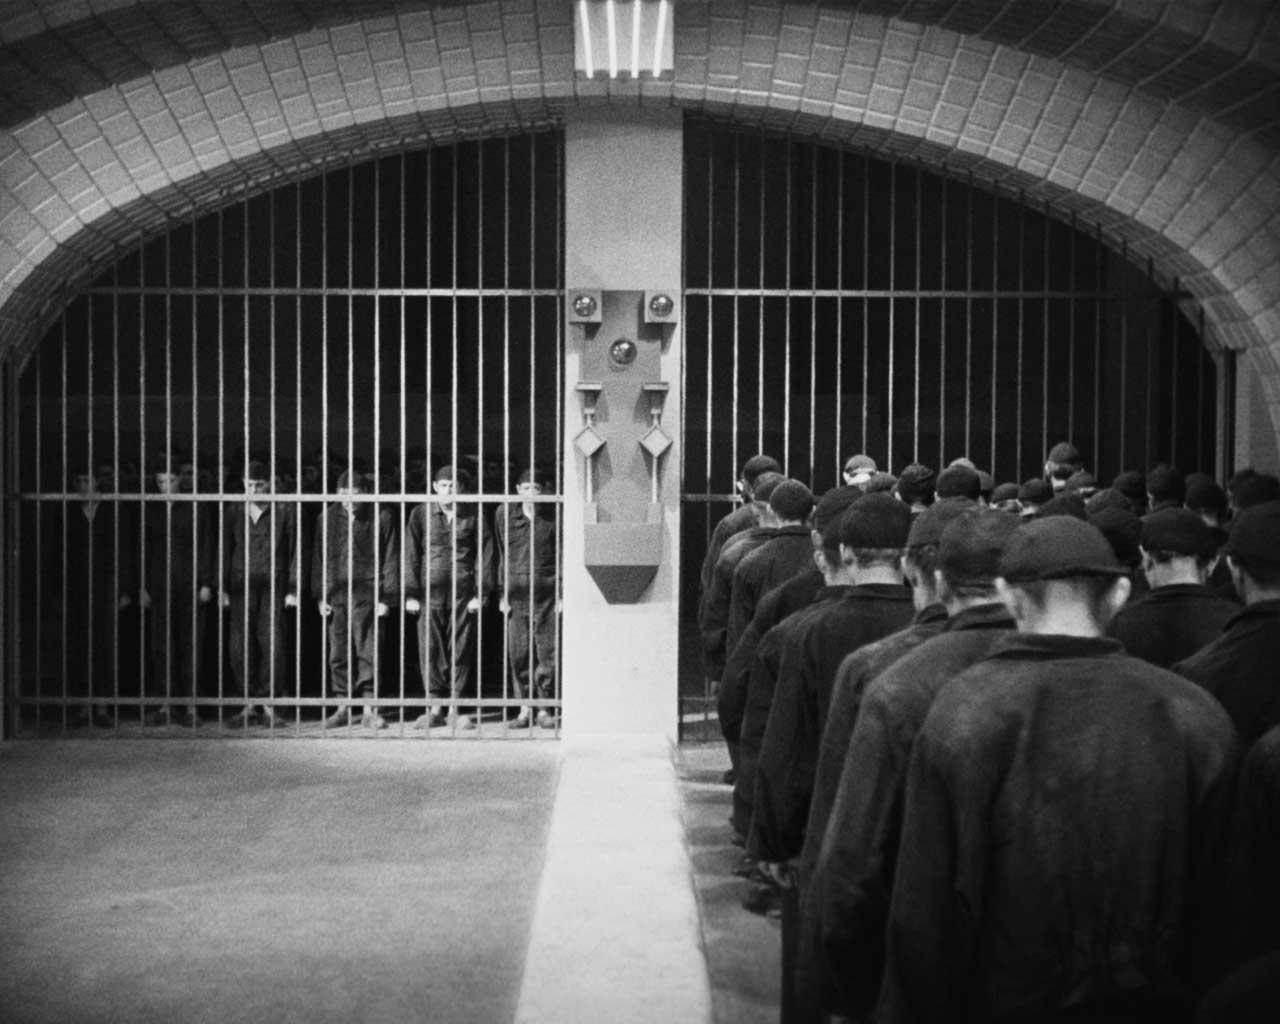 Työläiset vuoronvaihdossa Langin Metropolis-elokuvassa